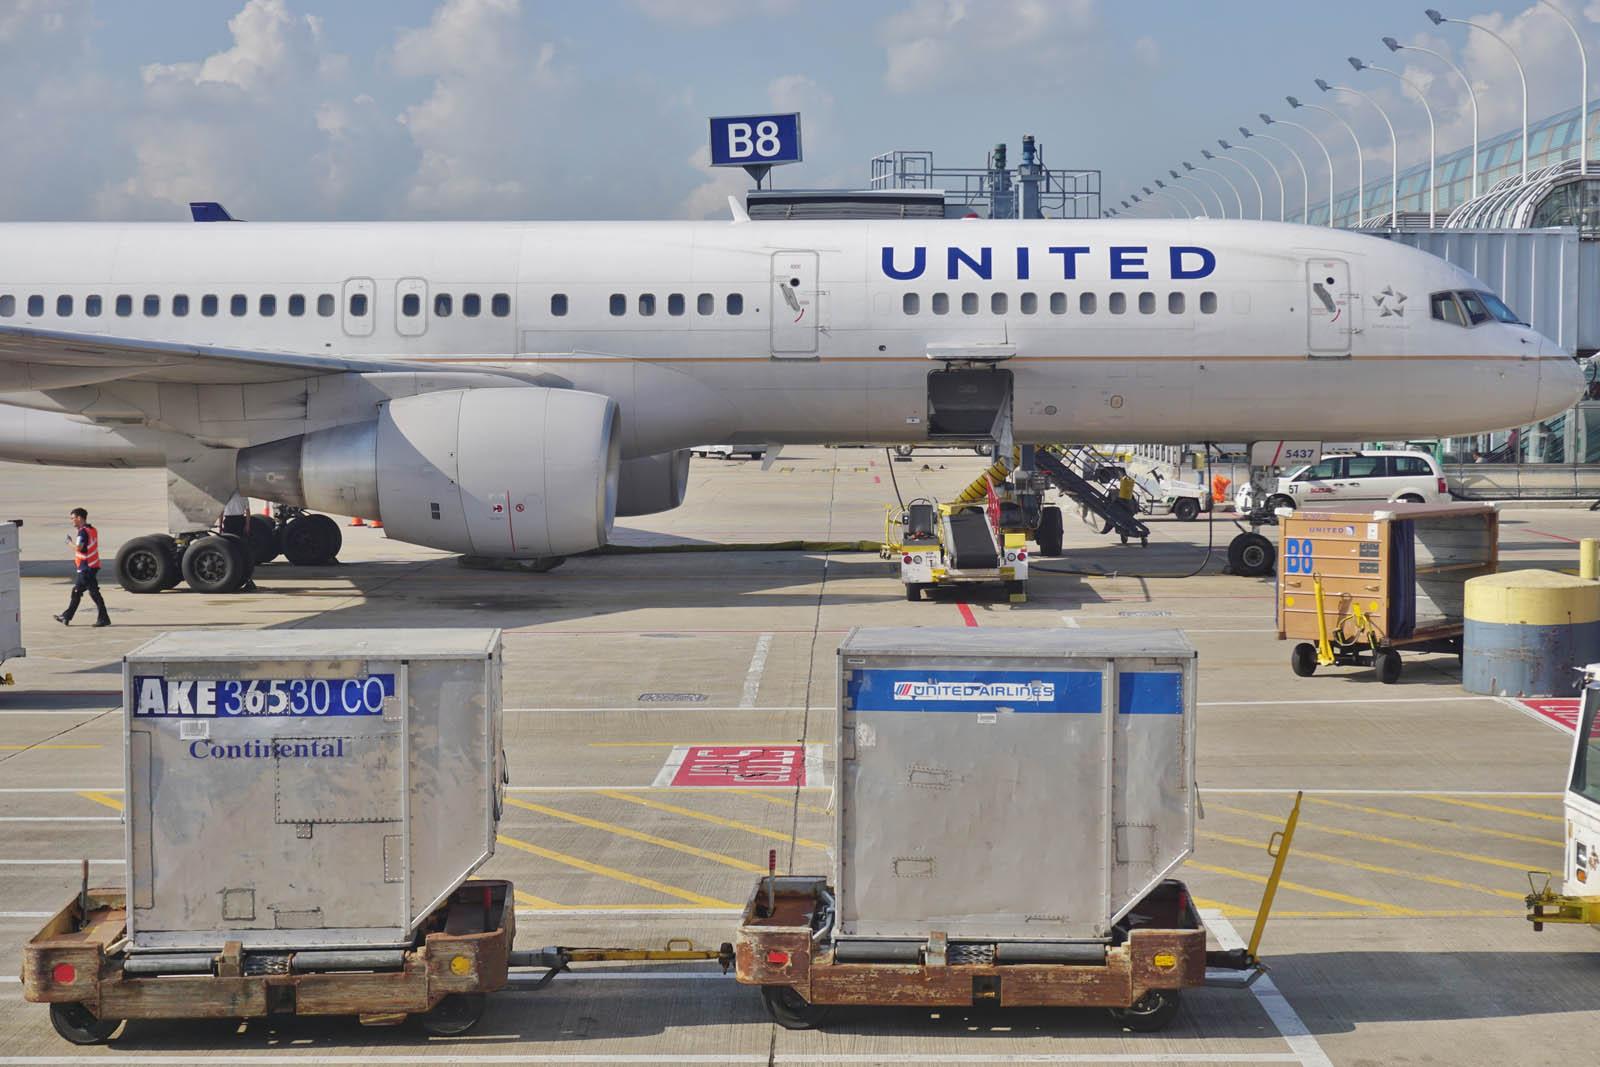 Las tarifas de bicicletas de United Airlines ya no existen: otra aerolínea donde las bicicletas vuelan por menos